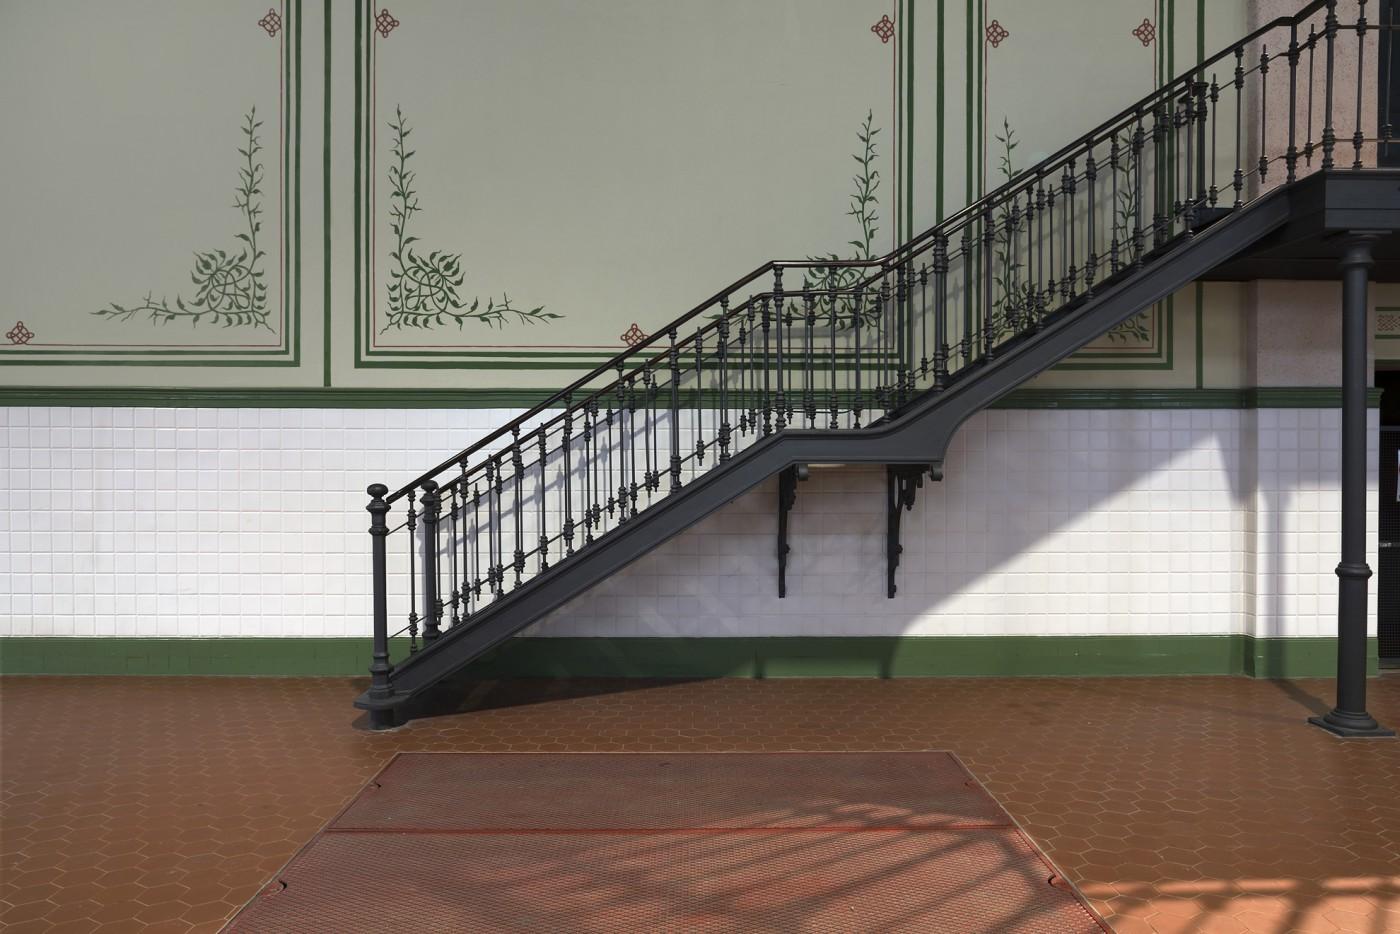 Un particolare degli interni - Foto di Niccolò Biddau